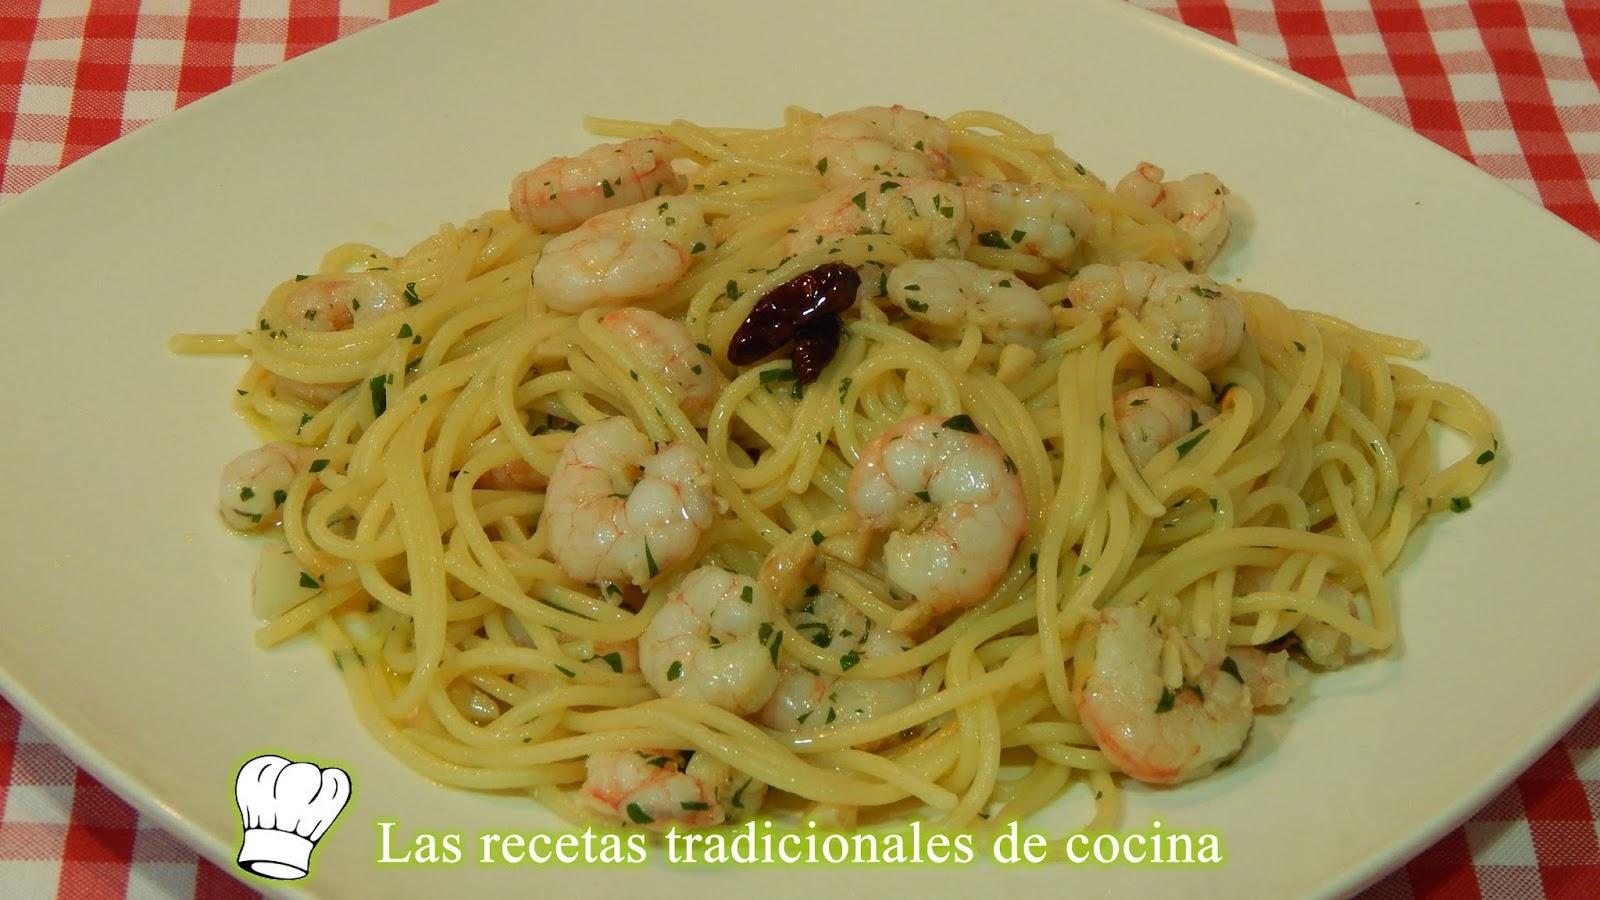 Recetas De Cocina Con Sabor Tradicional Receta De Espaguetis Con Gambas Al Ajillo